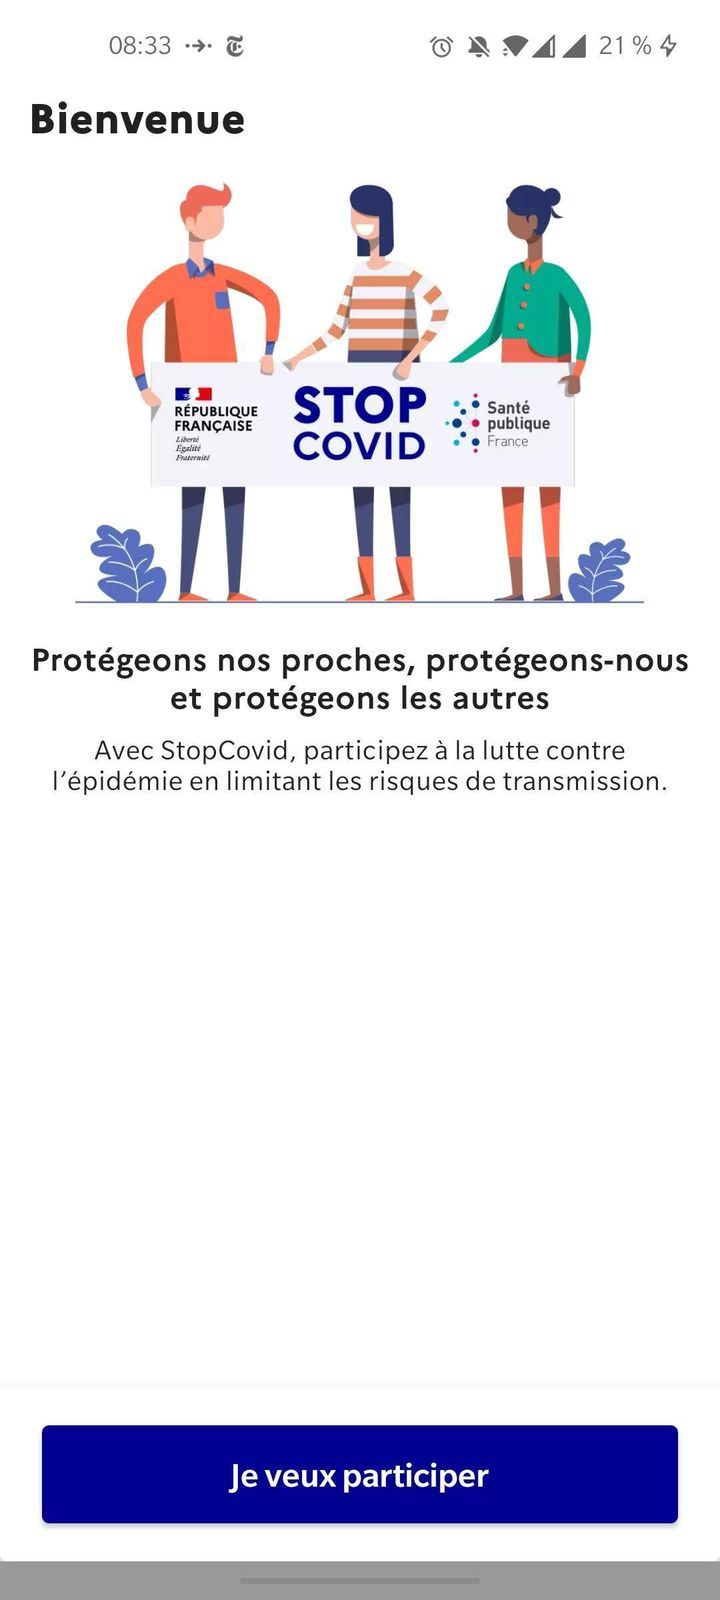 Visuel de l'application StopCovid (CAPTURE D'ÉCRAN)